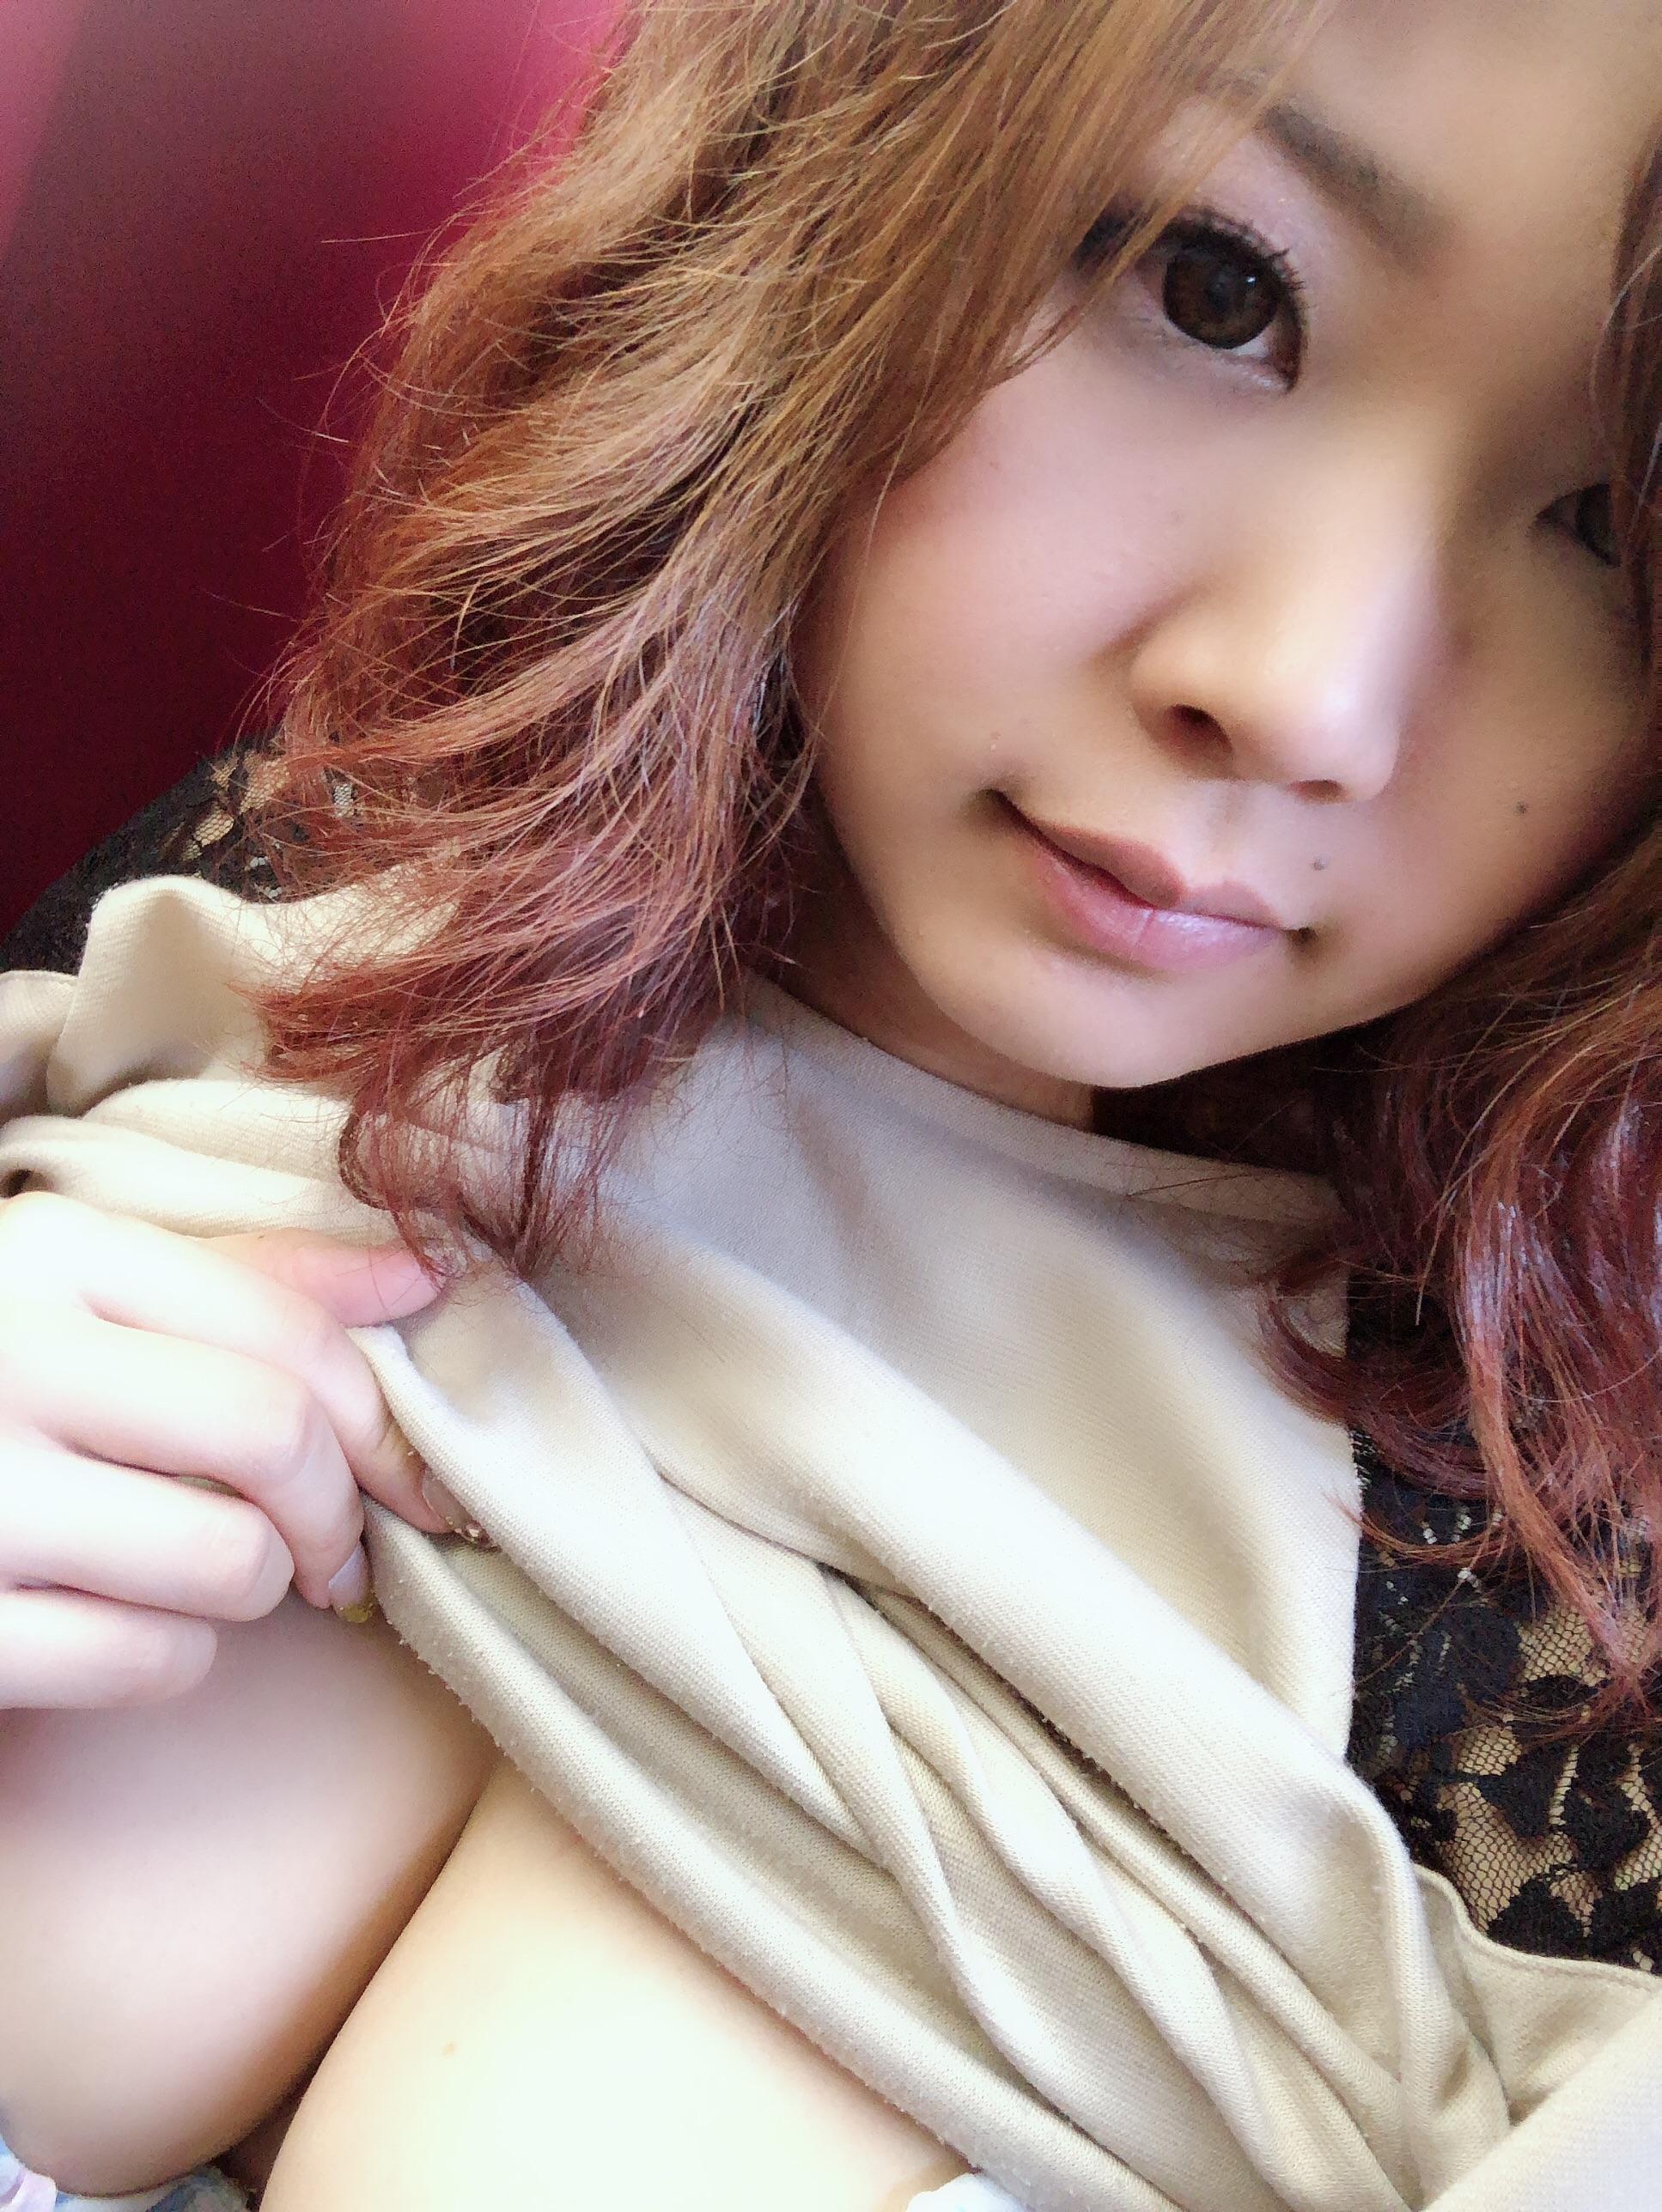 楓(かえで)「明日も!」06/22(金) 04:49 | 楓(かえで)の写メ・風俗動画